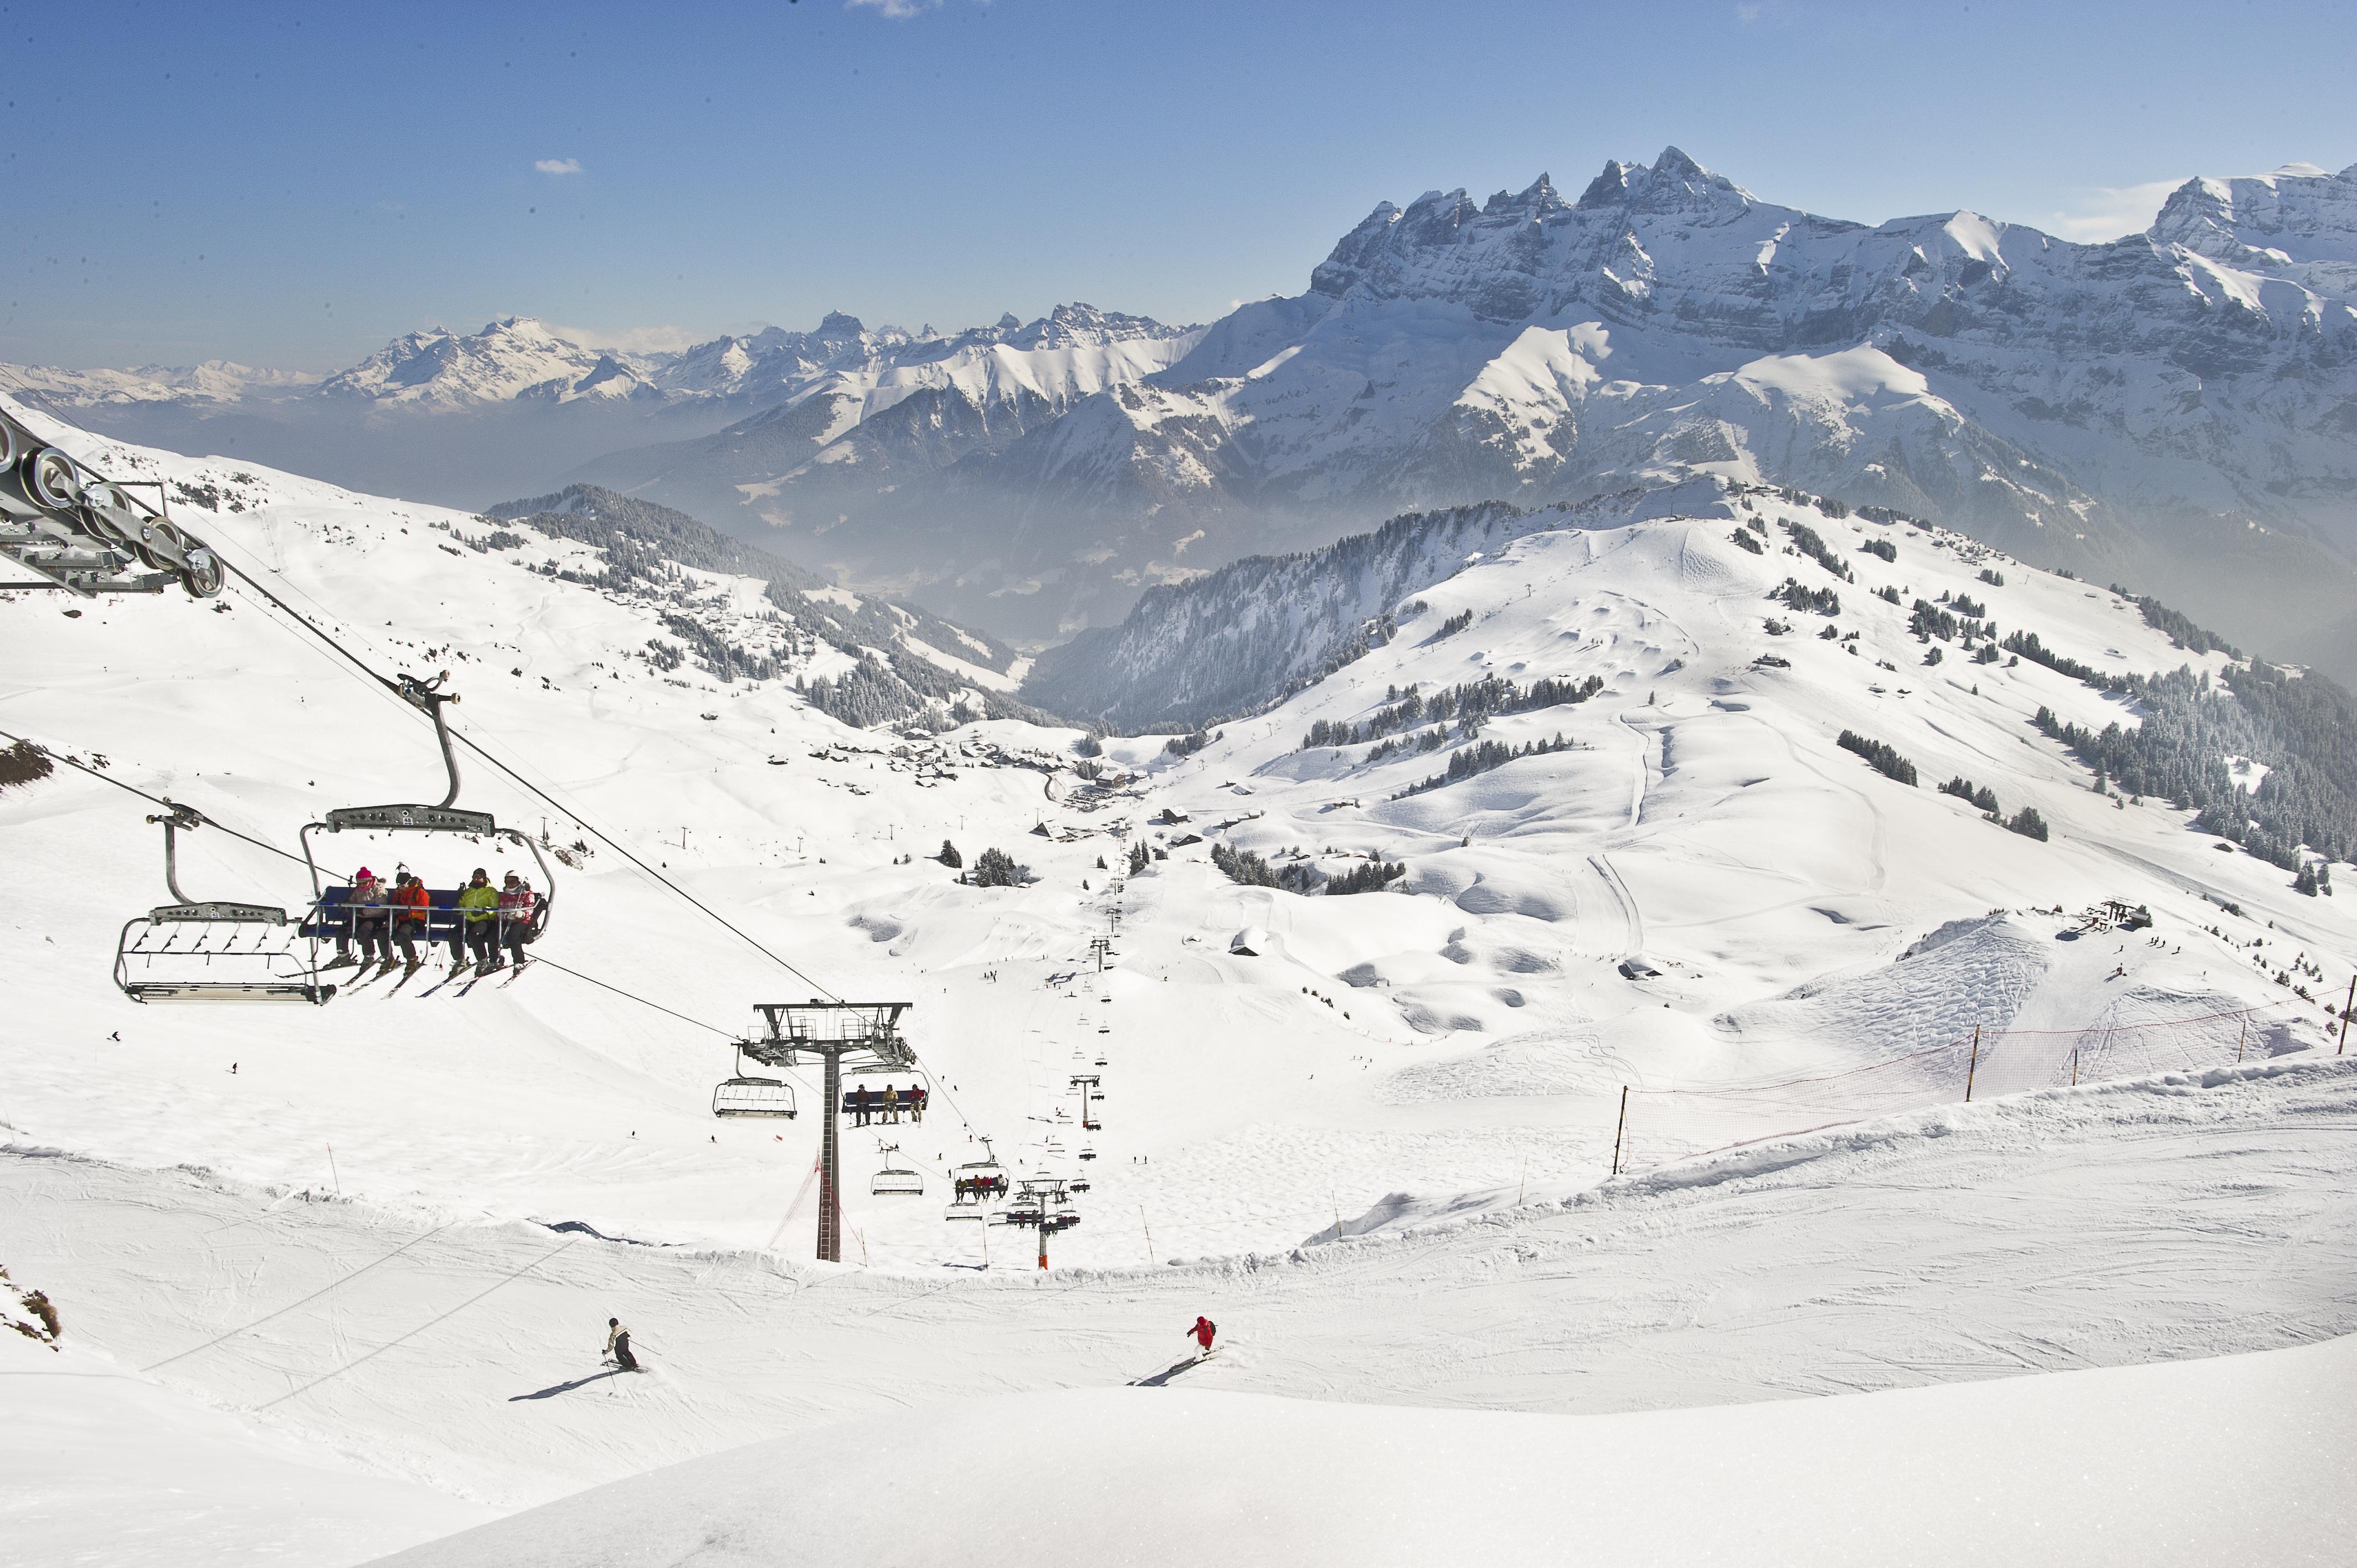 Domaine alpin champ ry les crosets champoussin - Domaine skiable les portes du soleil ...